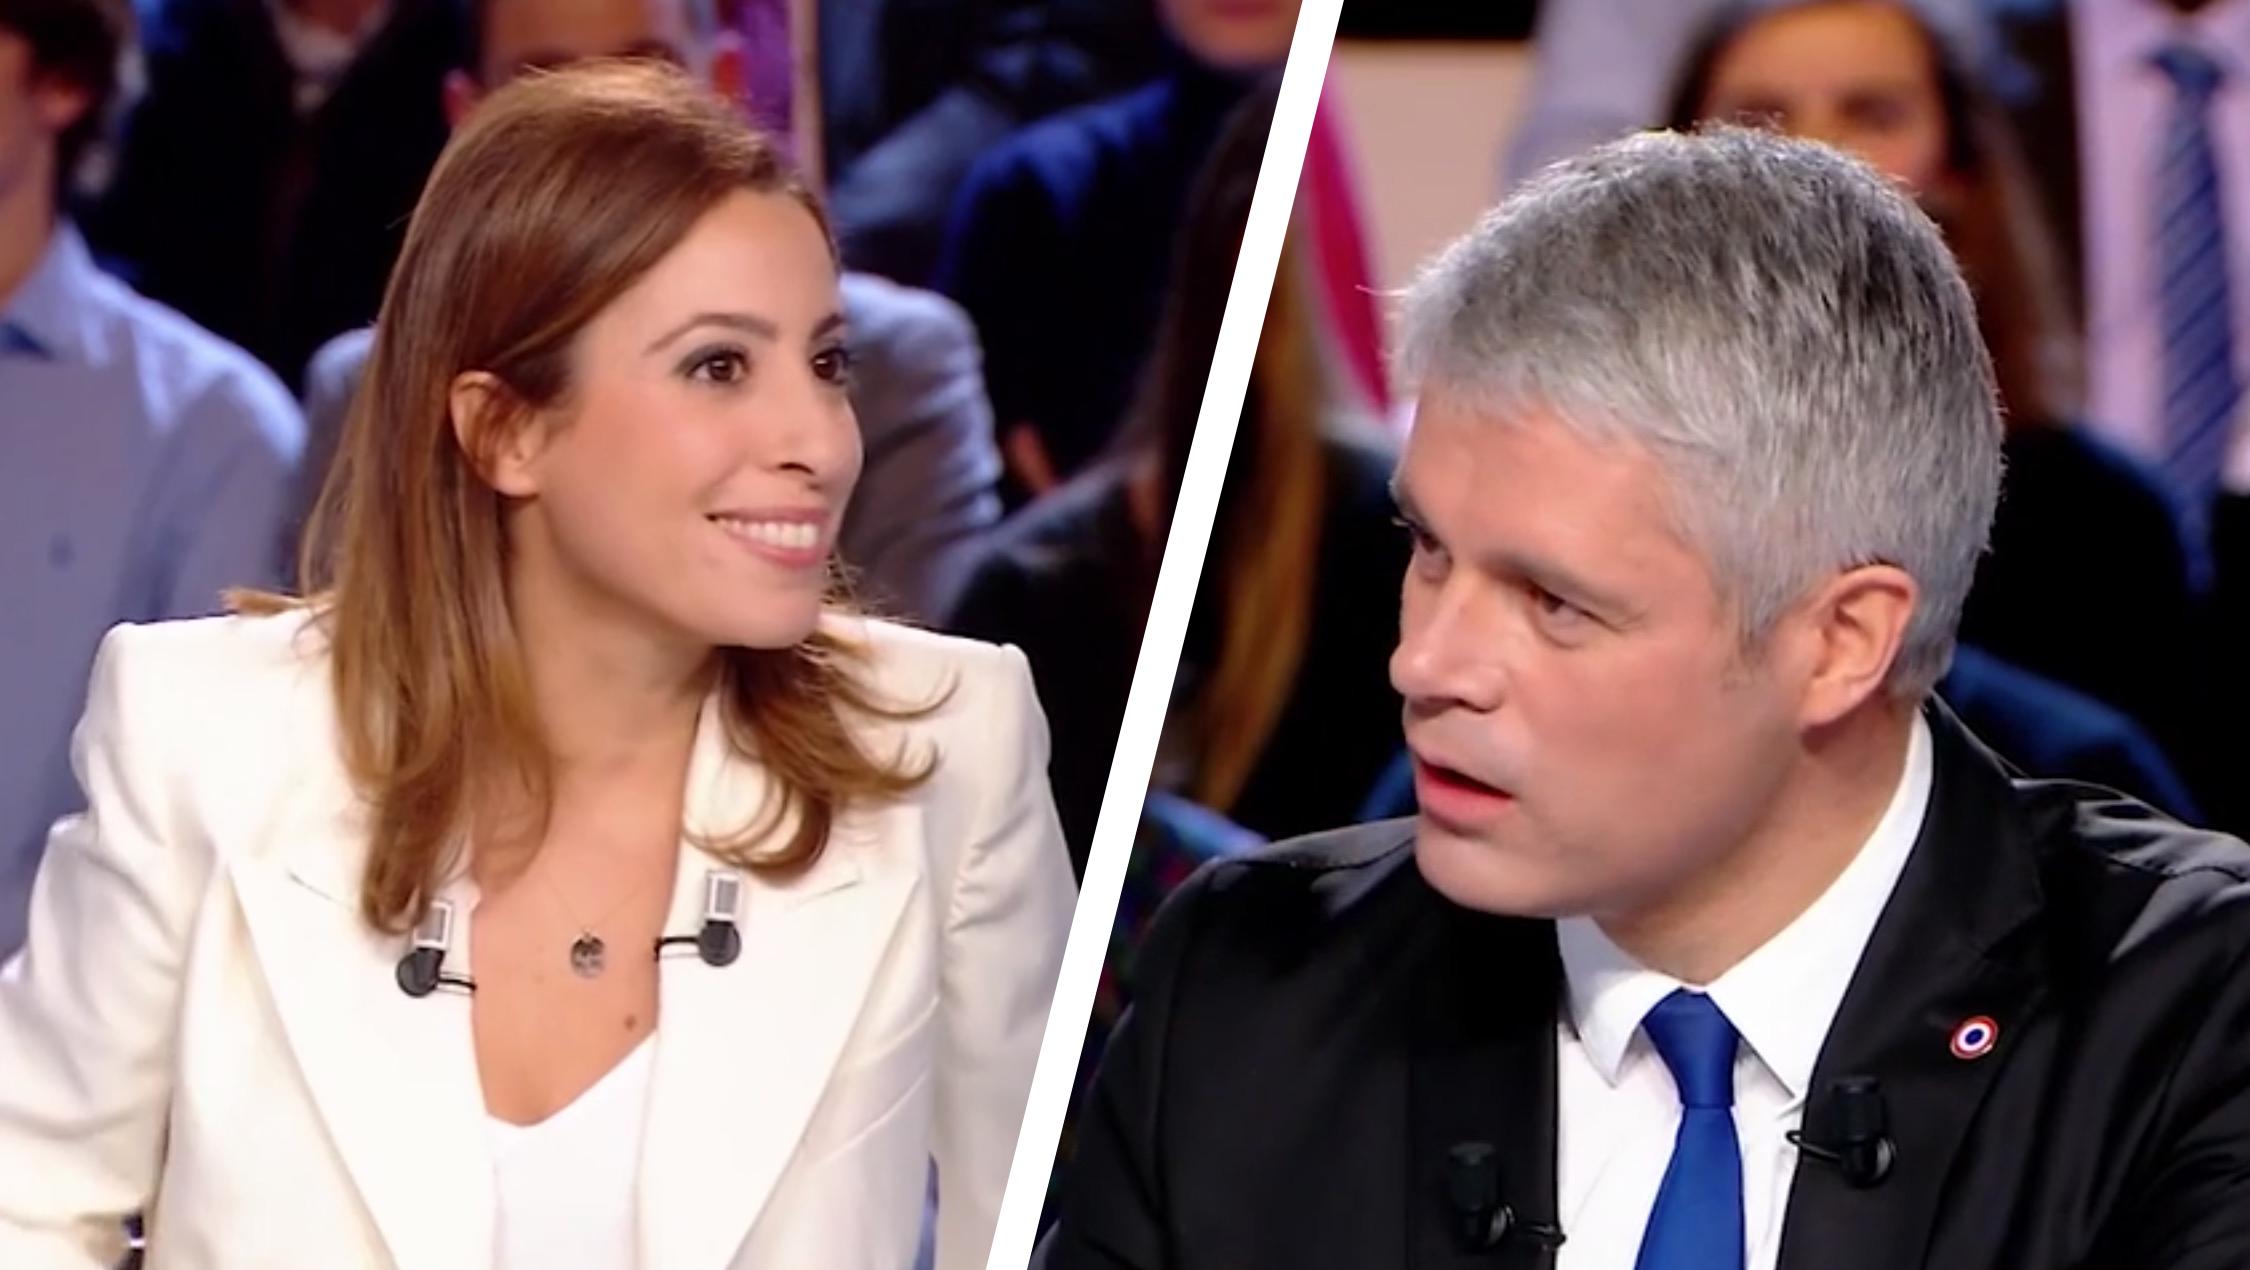 Laurent Wauquiez était l'invité de Léa Salamé dans l'Emission politique diffusée jeudi 25 janvier sur France 2